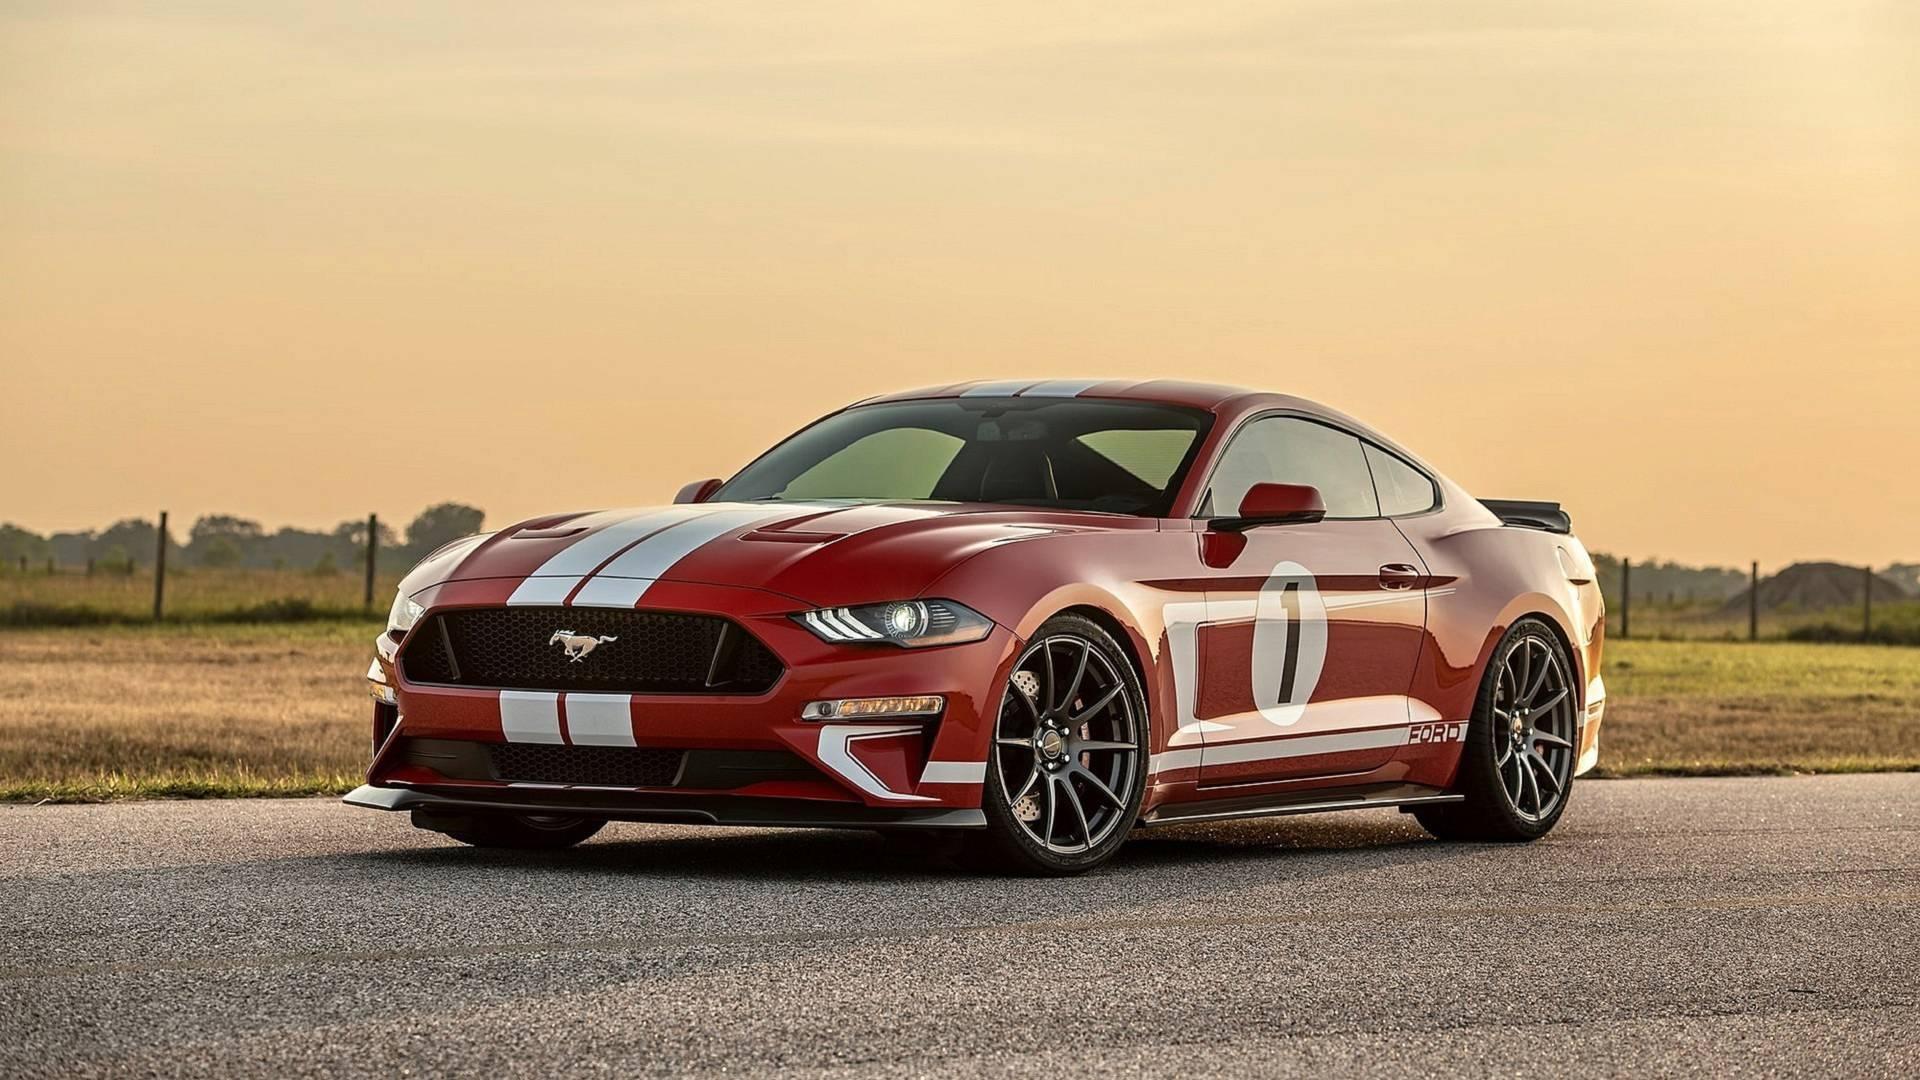 В тюнинг-ателье Hennessey (США) анонсировали выход ограниченной серии маслкаров Ford Mustang с именем Heritage Edition